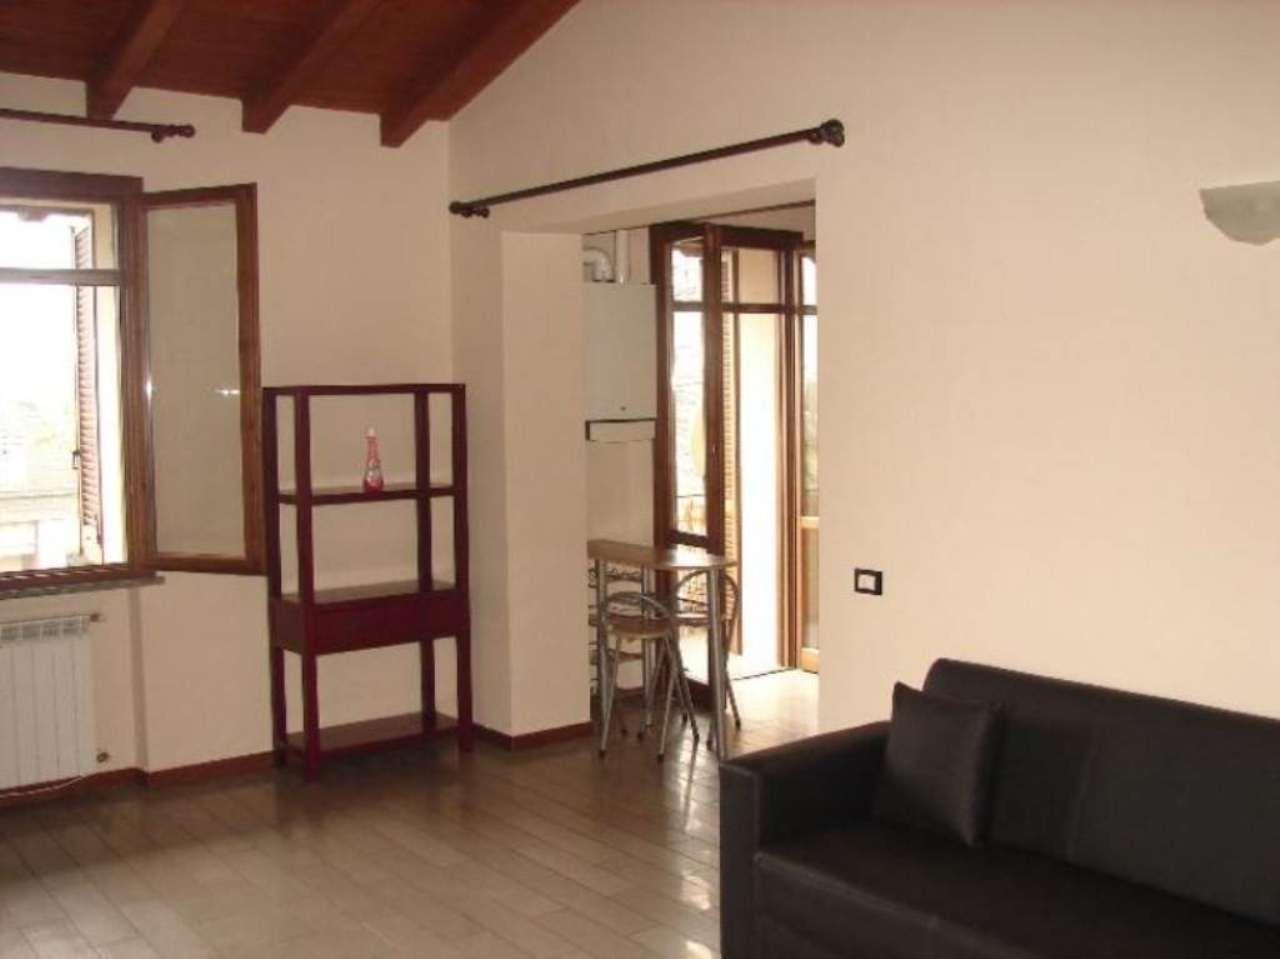 Appartamento in affitto a Castelvetro Piacentino, 3 locali, prezzo € 500 | Cambio Casa.it